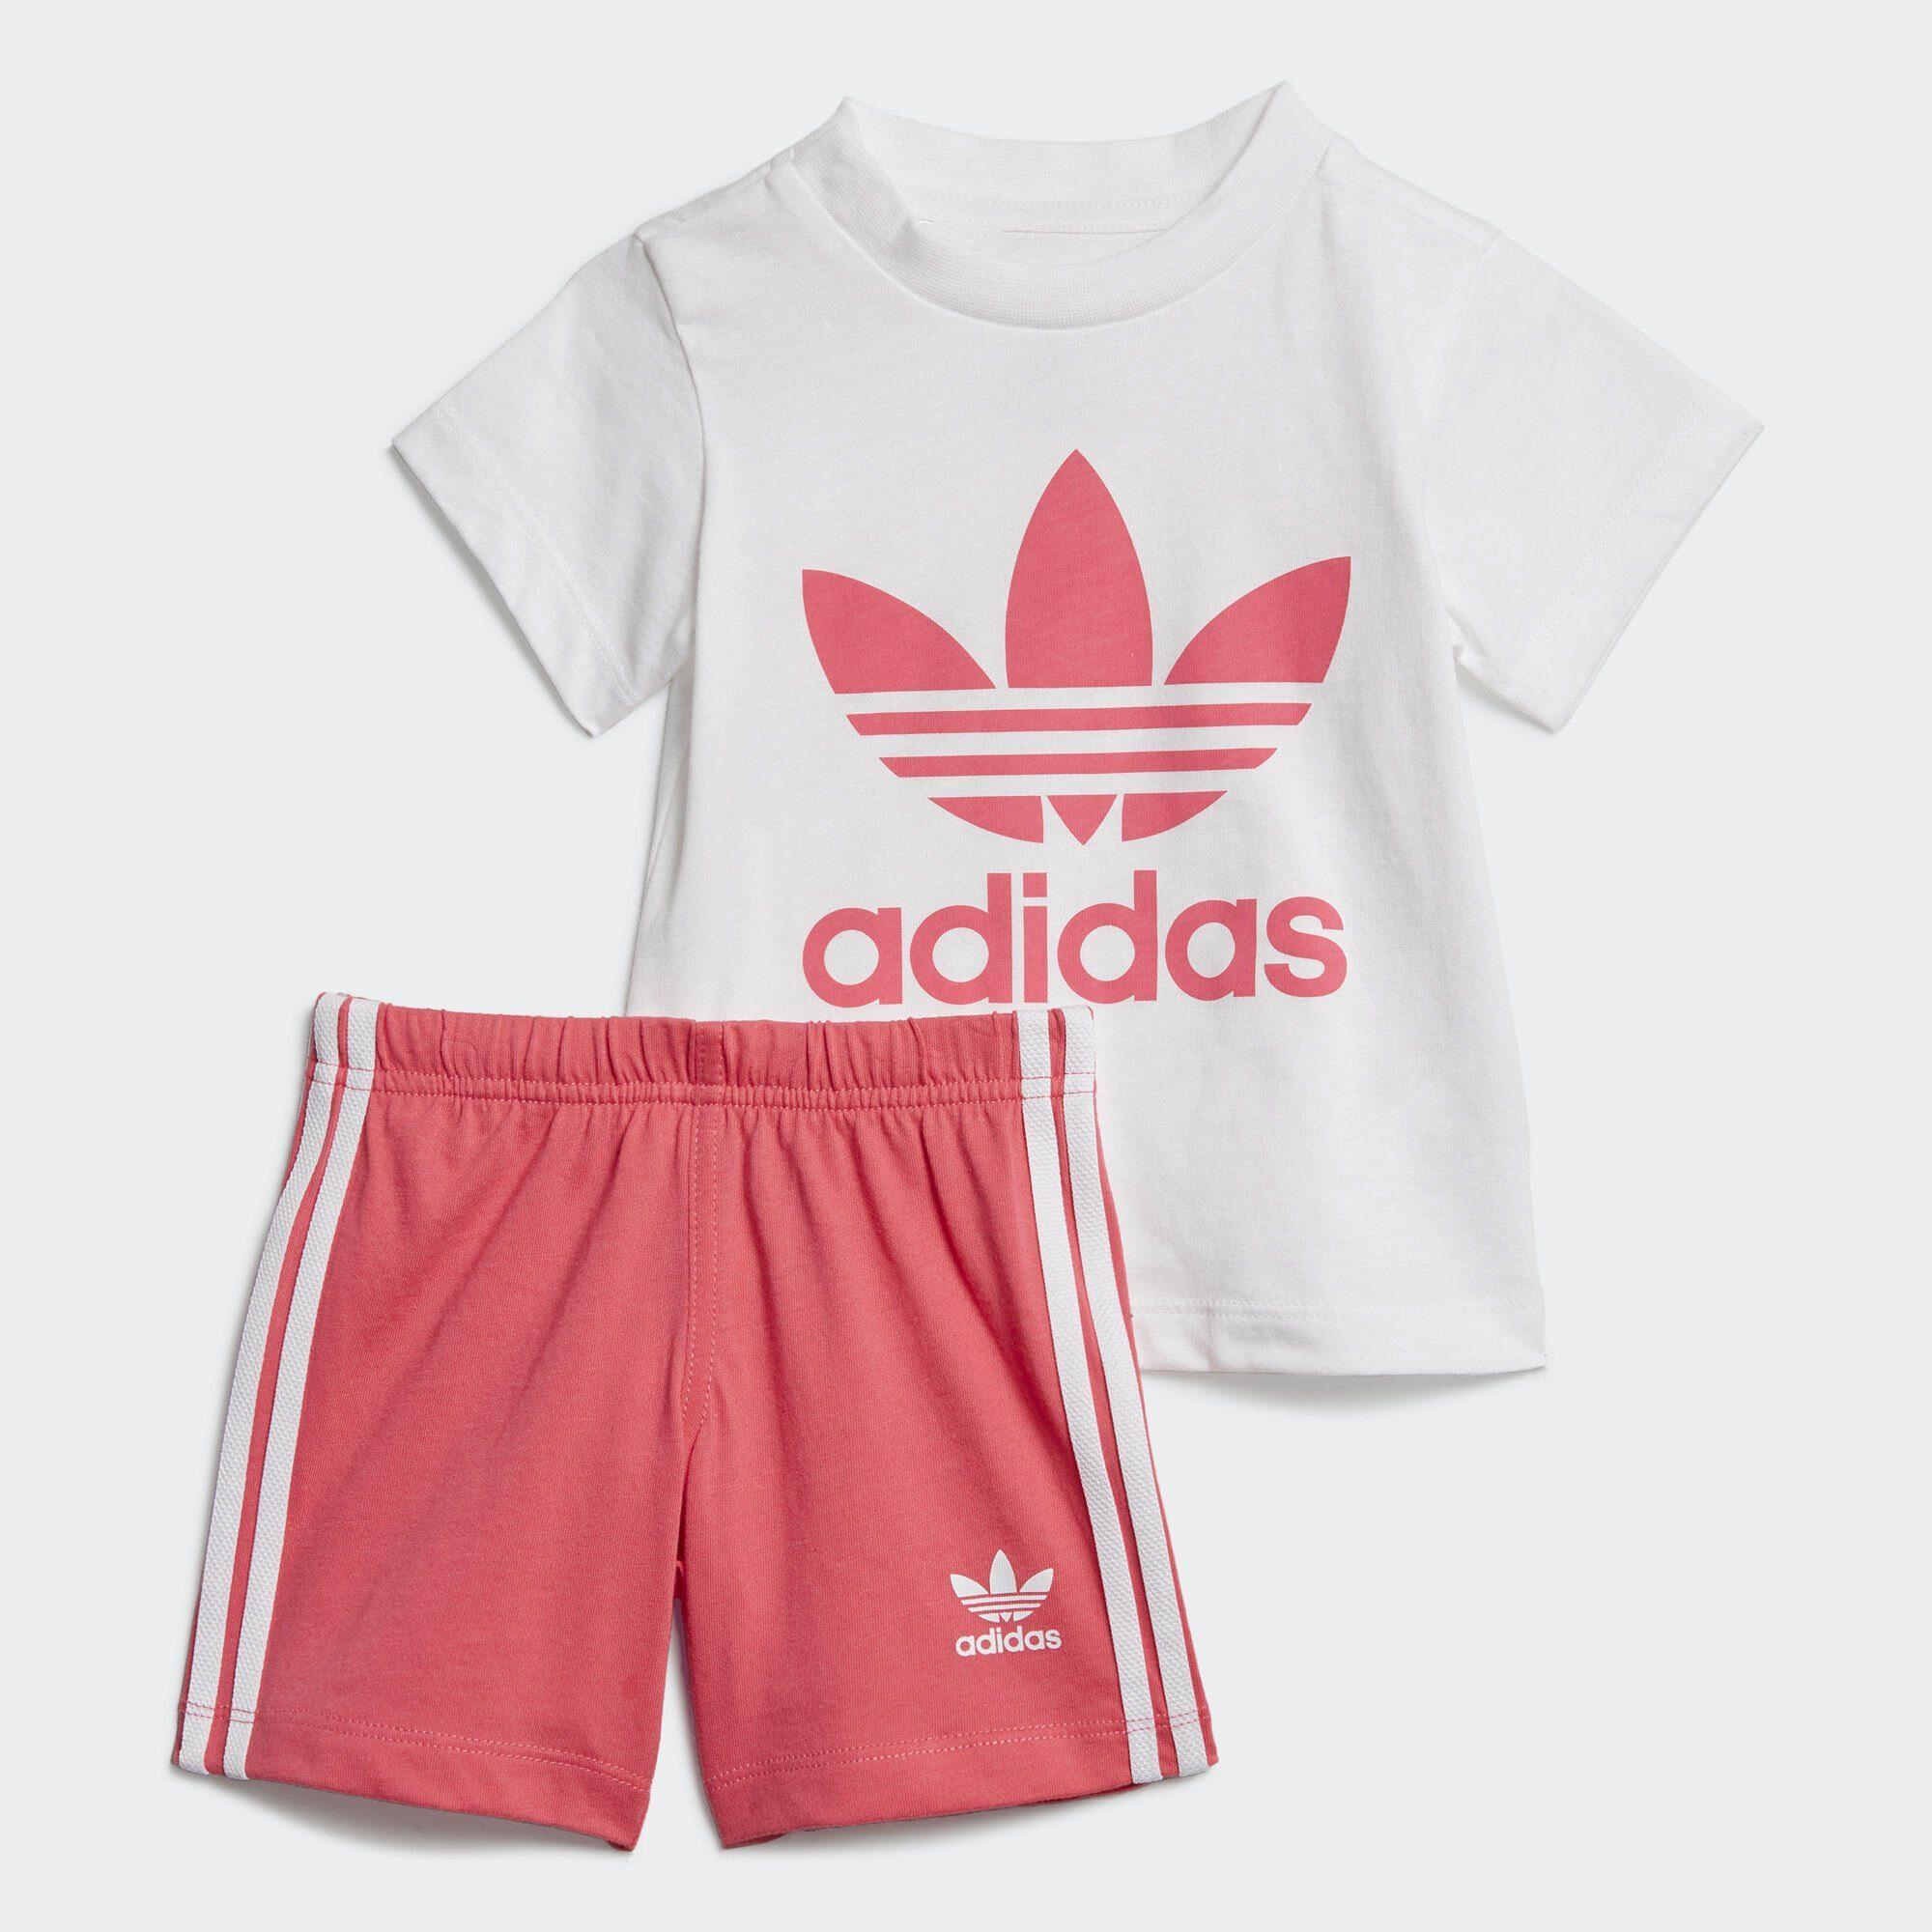 adidas Originals Funktionstights »Trefoil Shorts und T Shirt Set« adicolor online kaufen | OTTO